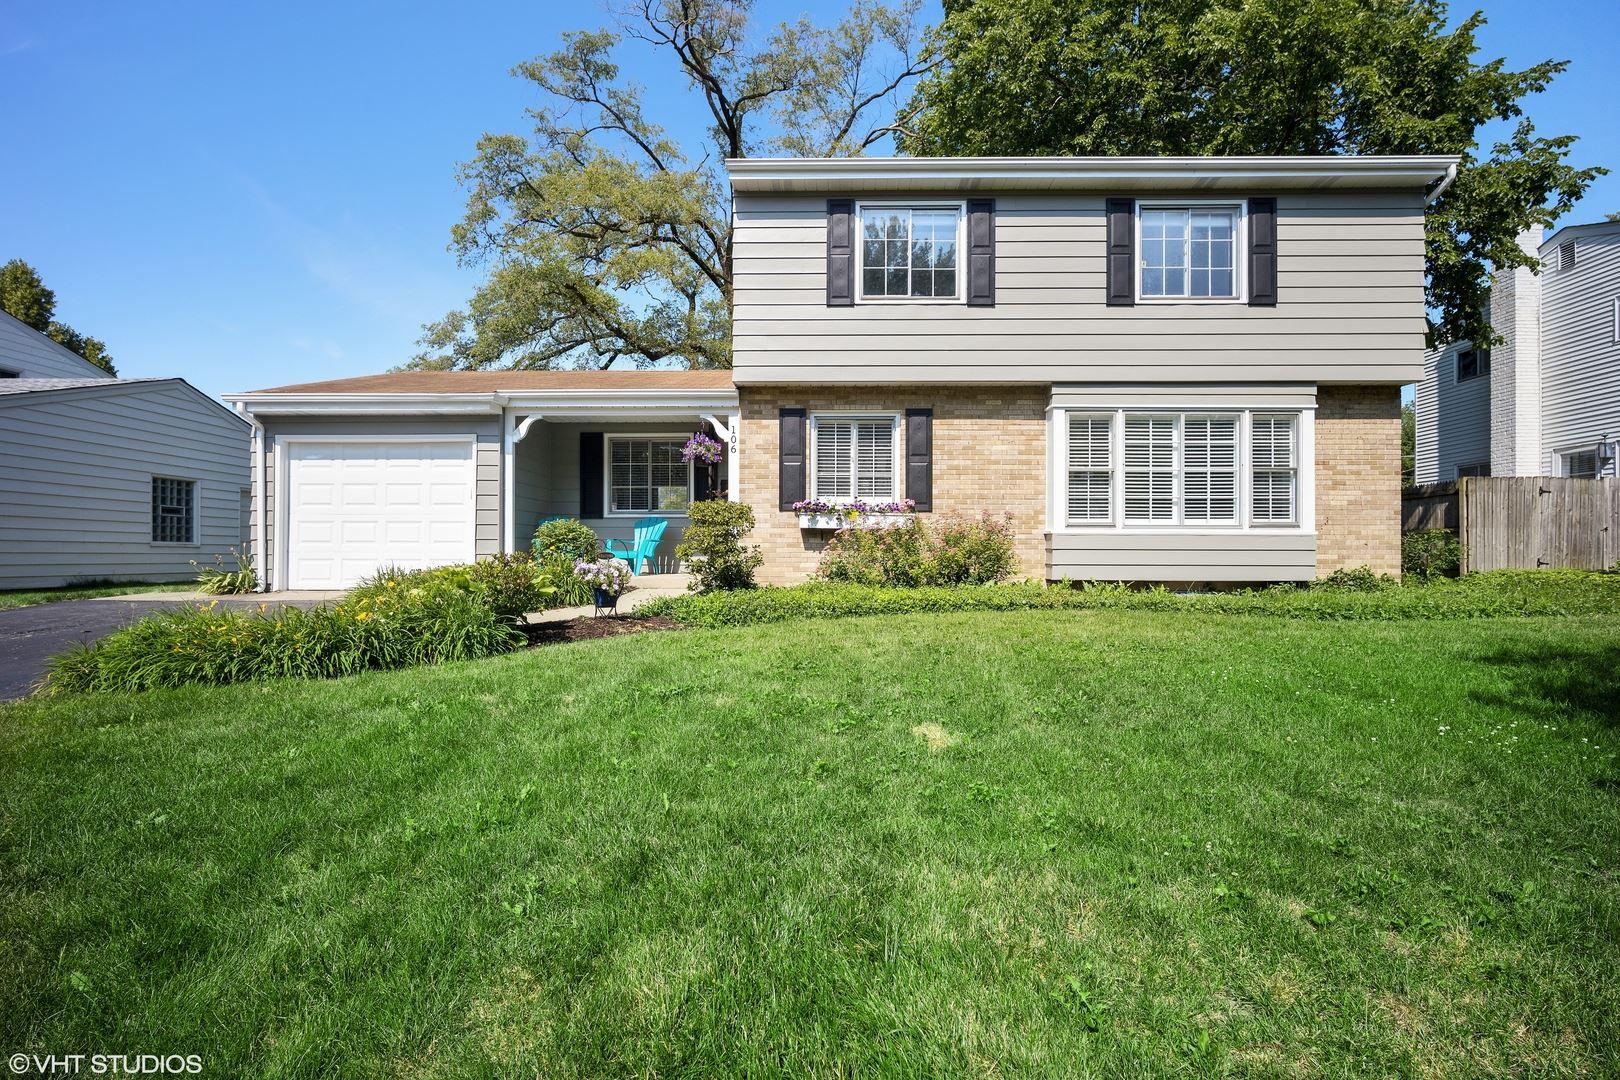 106 Forestway Drive, Deerfield, IL 60015 - #: 10812399